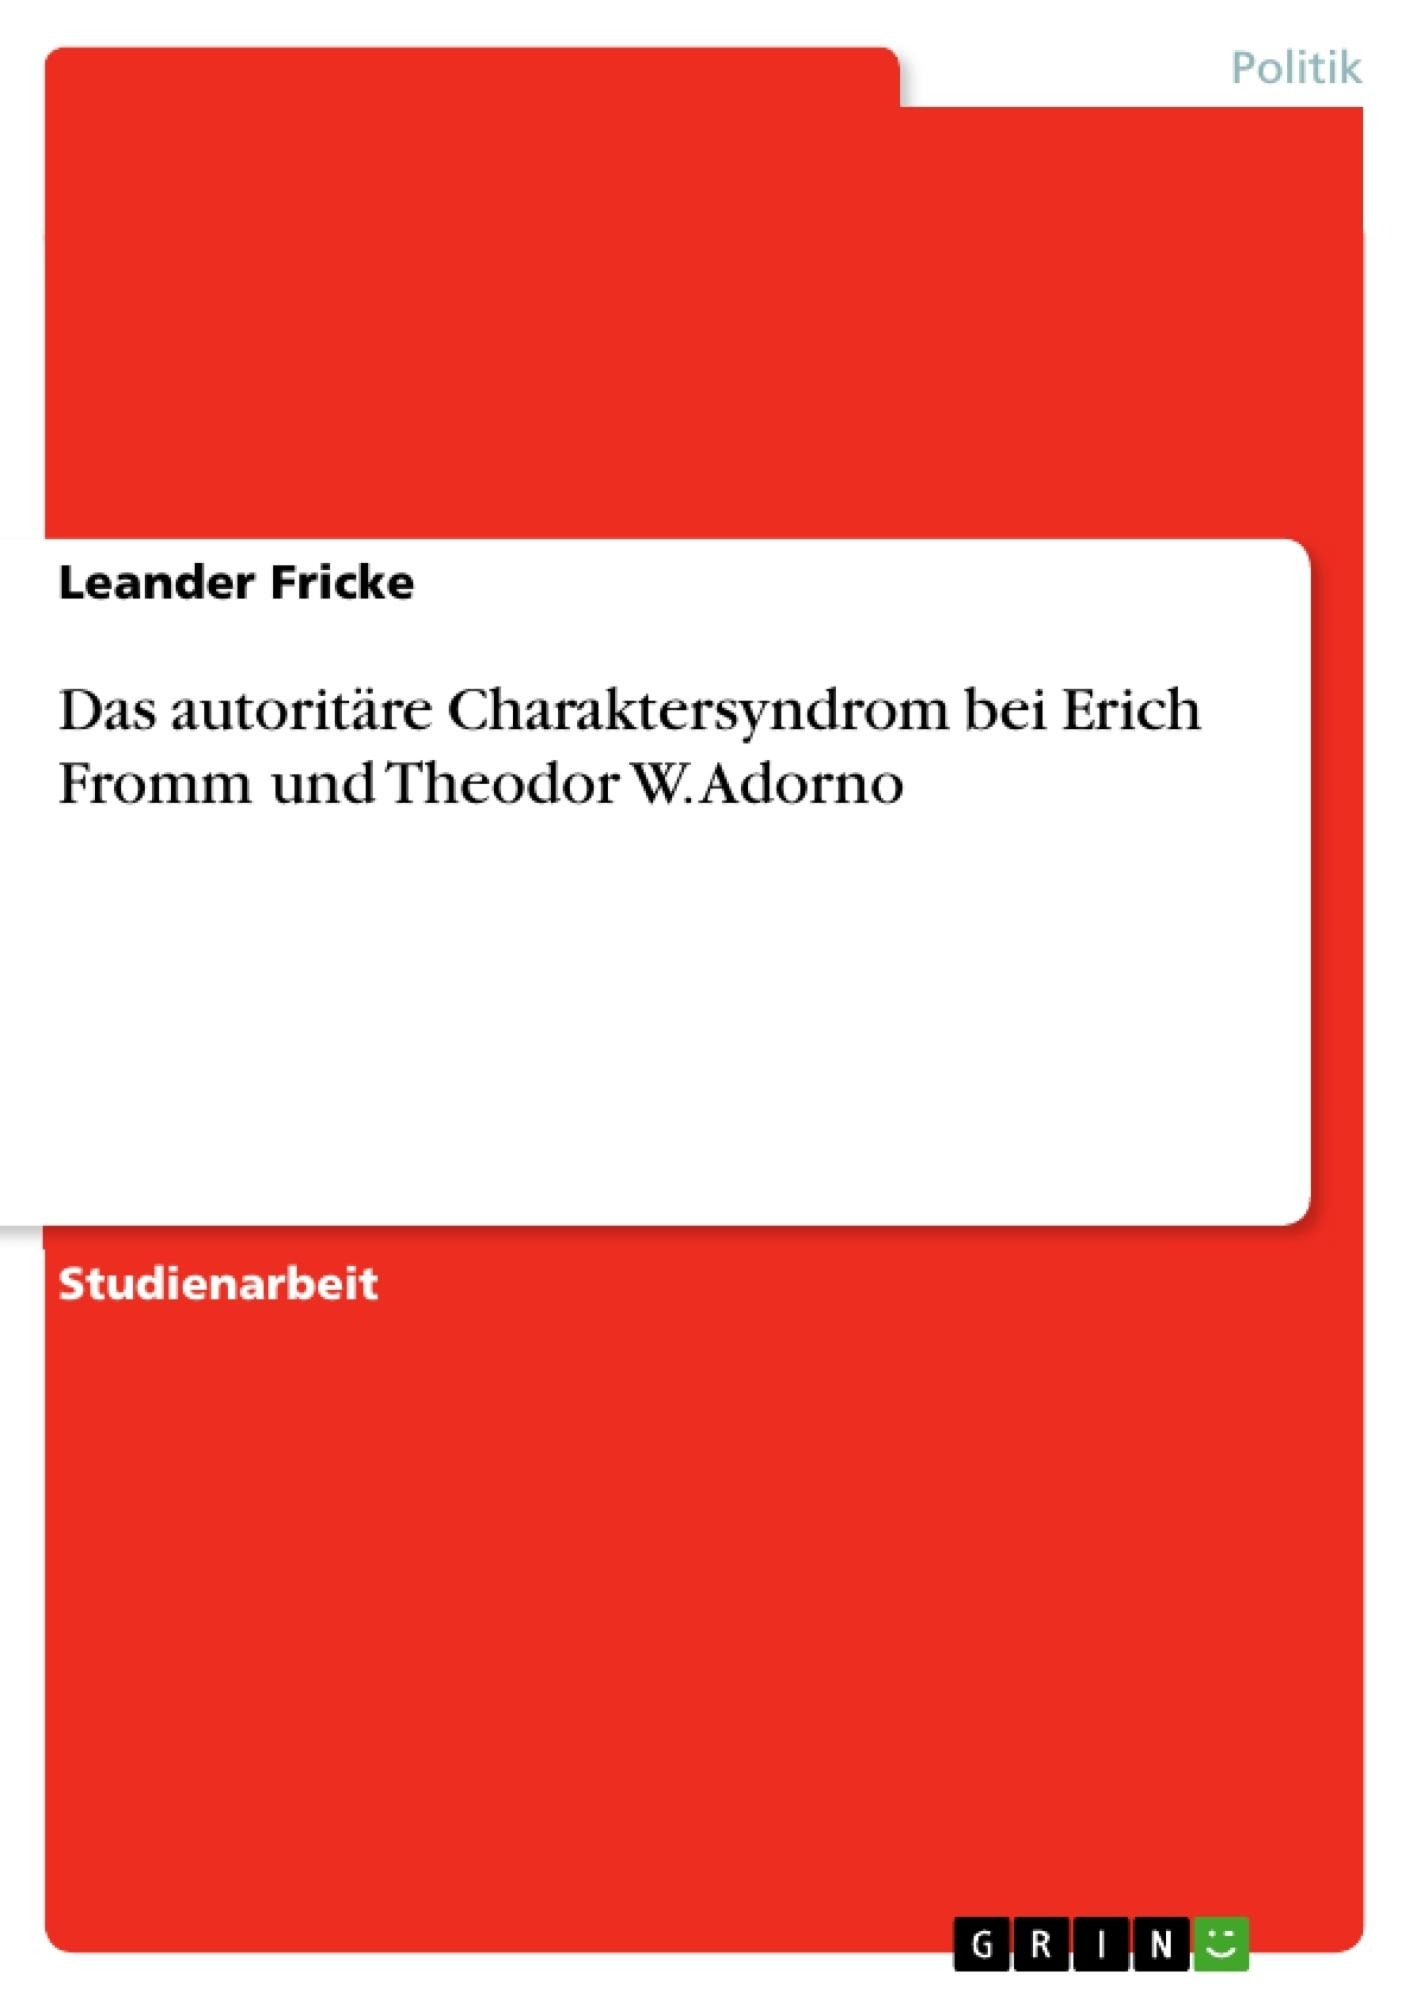 Titel: Das autoritäre Charaktersyndrom bei Erich Fromm und Theodor W. Adorno